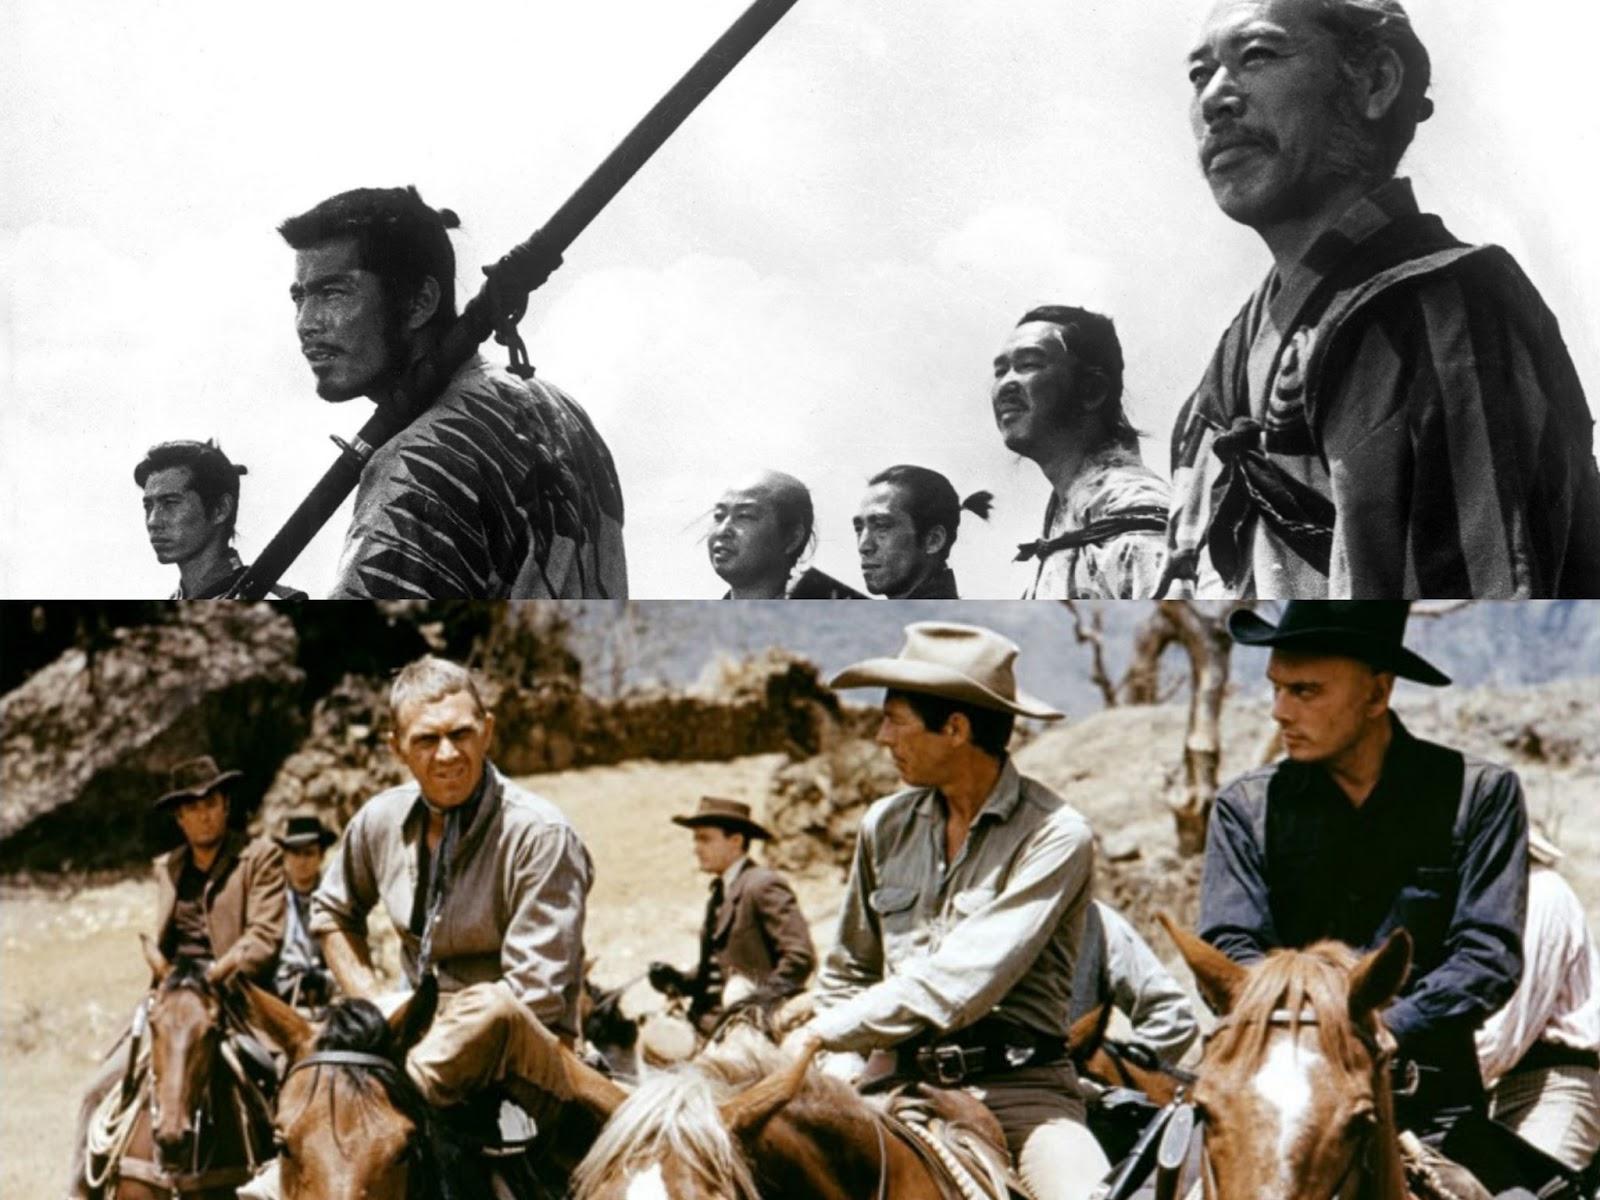 Os Sete Samurais vs Sete Homens e um Destino